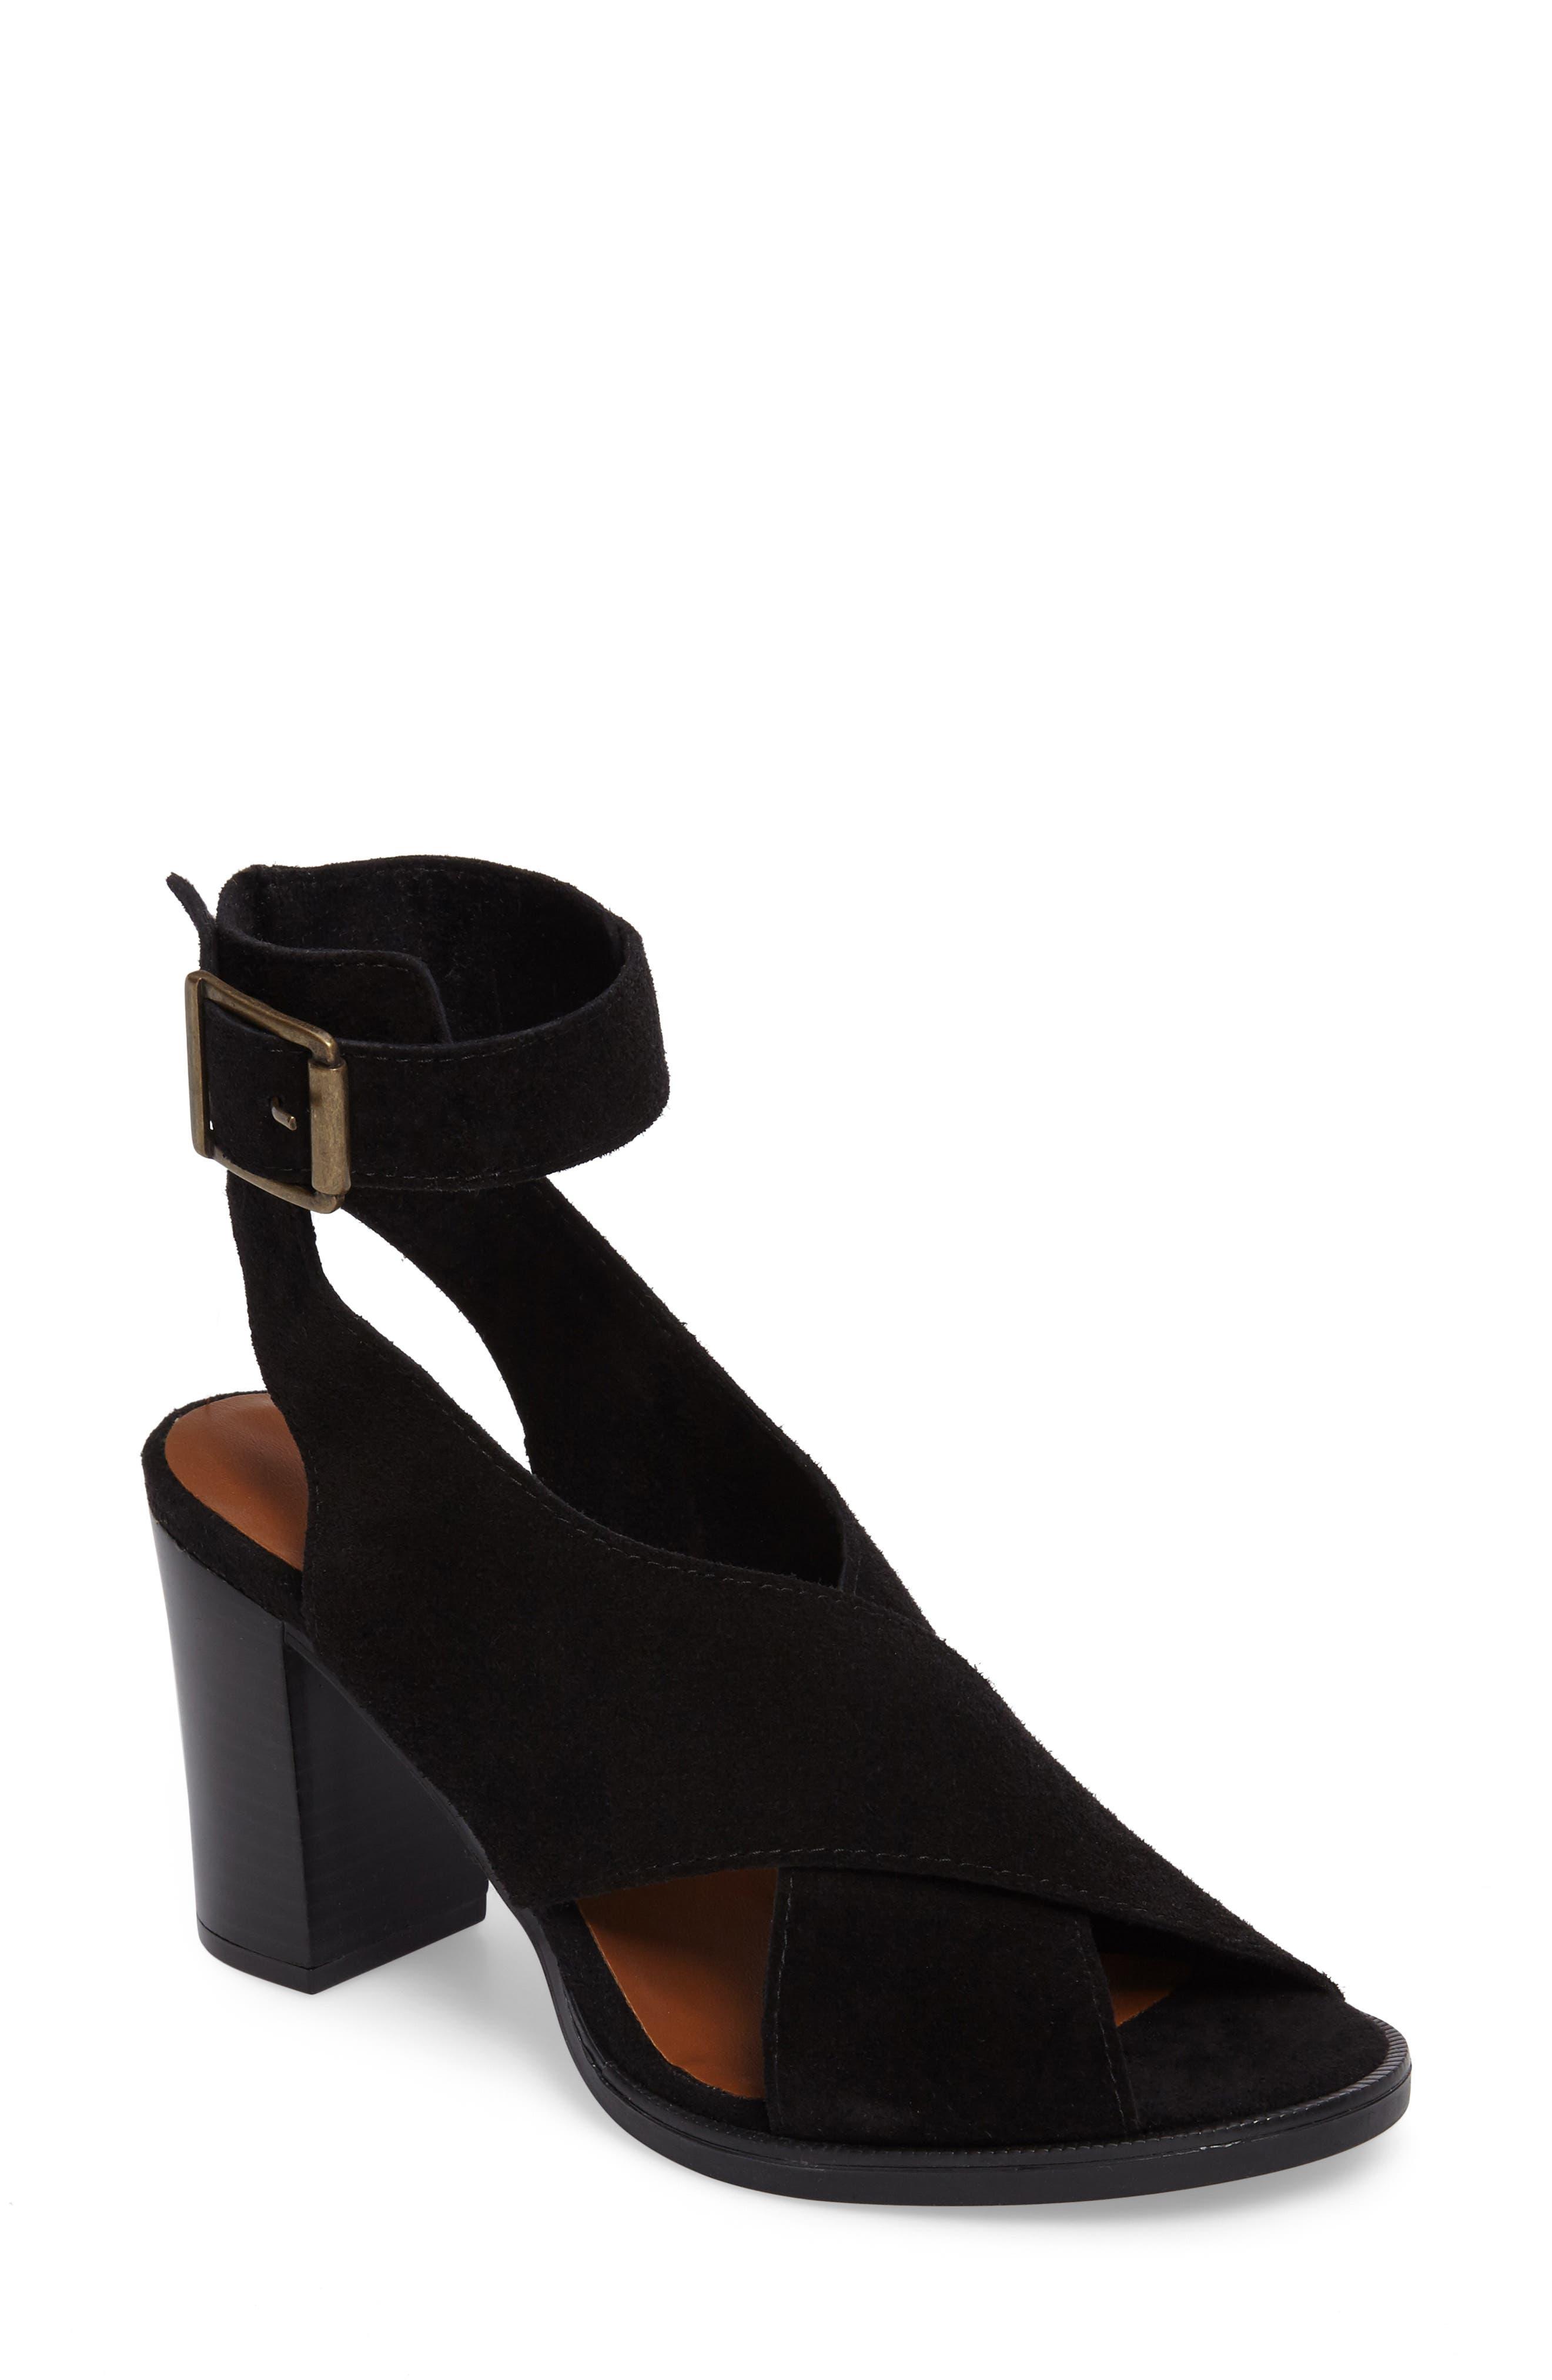 Lil Ankle Wrap Sandal,                         Main,                         color, Black Suede